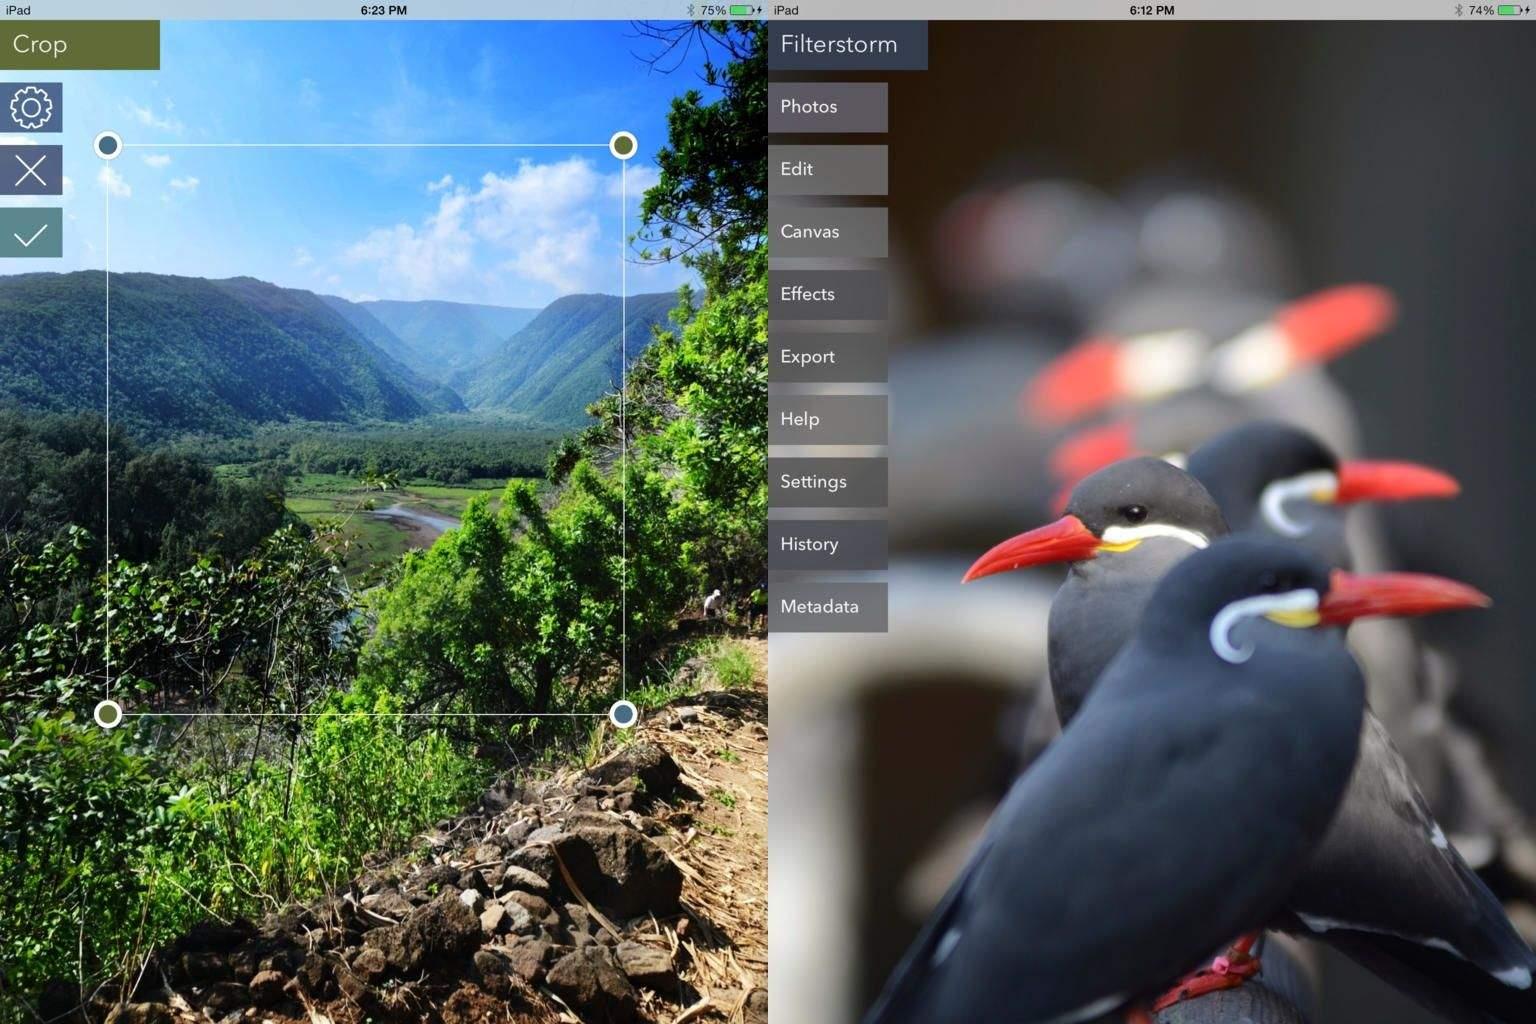 12 phần mềm chỉnh sửa ảnh trên điện thoại iPhone và Android 'vạn người mê' 5